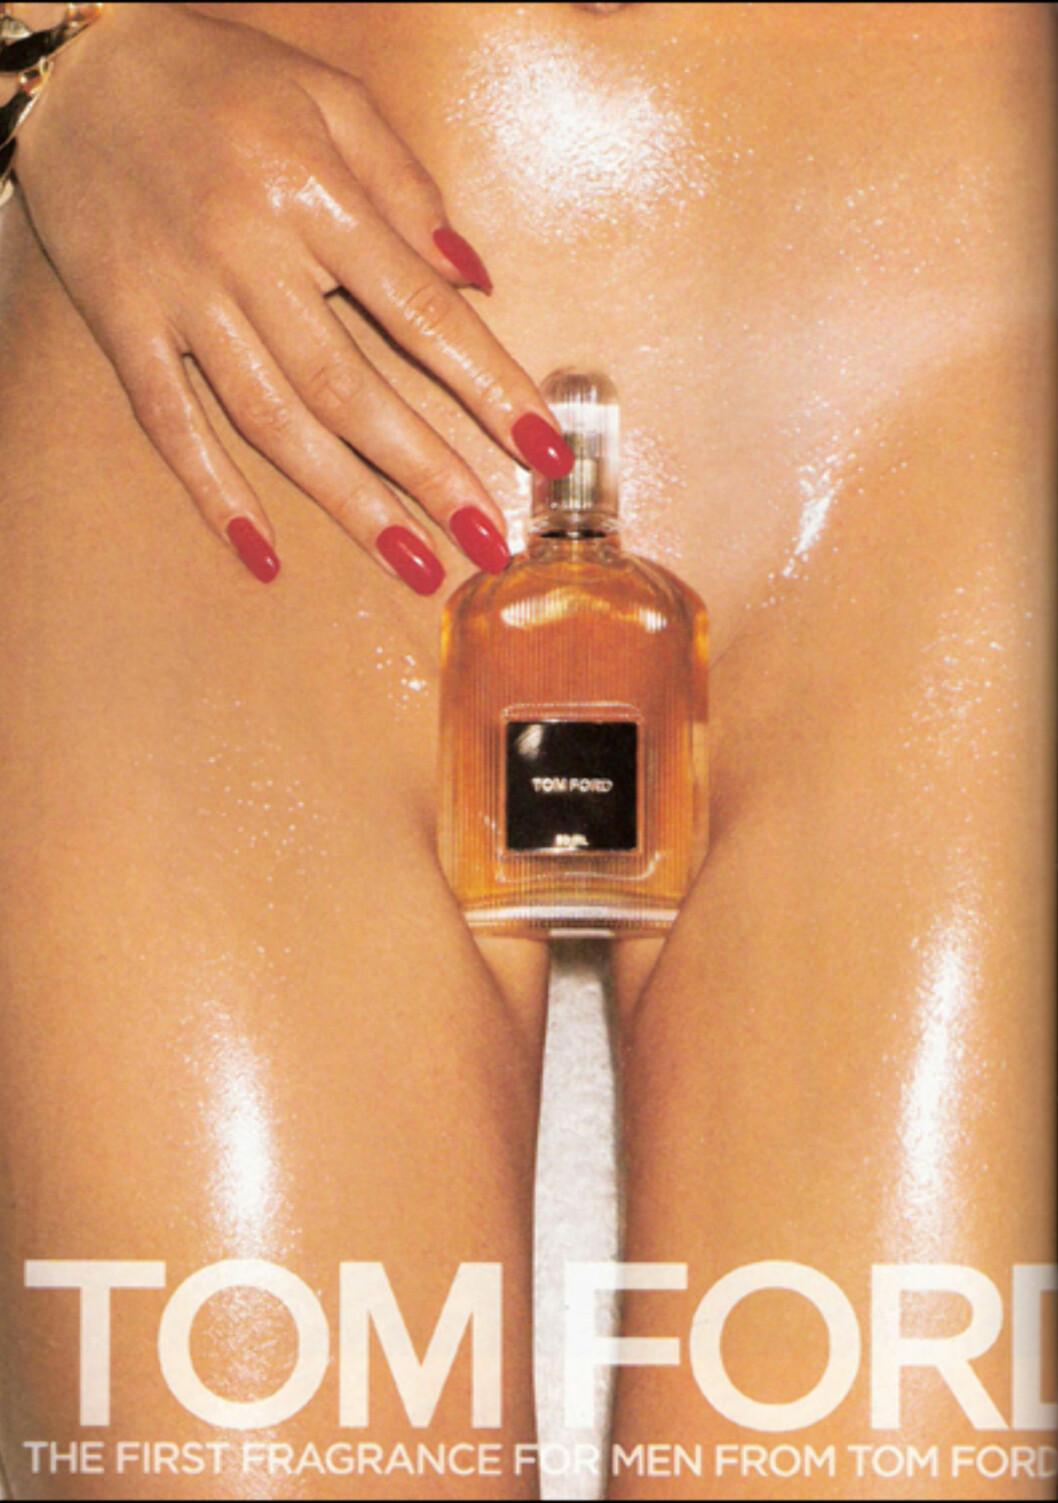 Tom Ford har lansert en parfyme for menn, og det er ikke tvil om at markedsføringen kommer til å bli omdiskutert. Kampanjen består blant annet av en naken kvinne med parfymeflasken mellom beina.